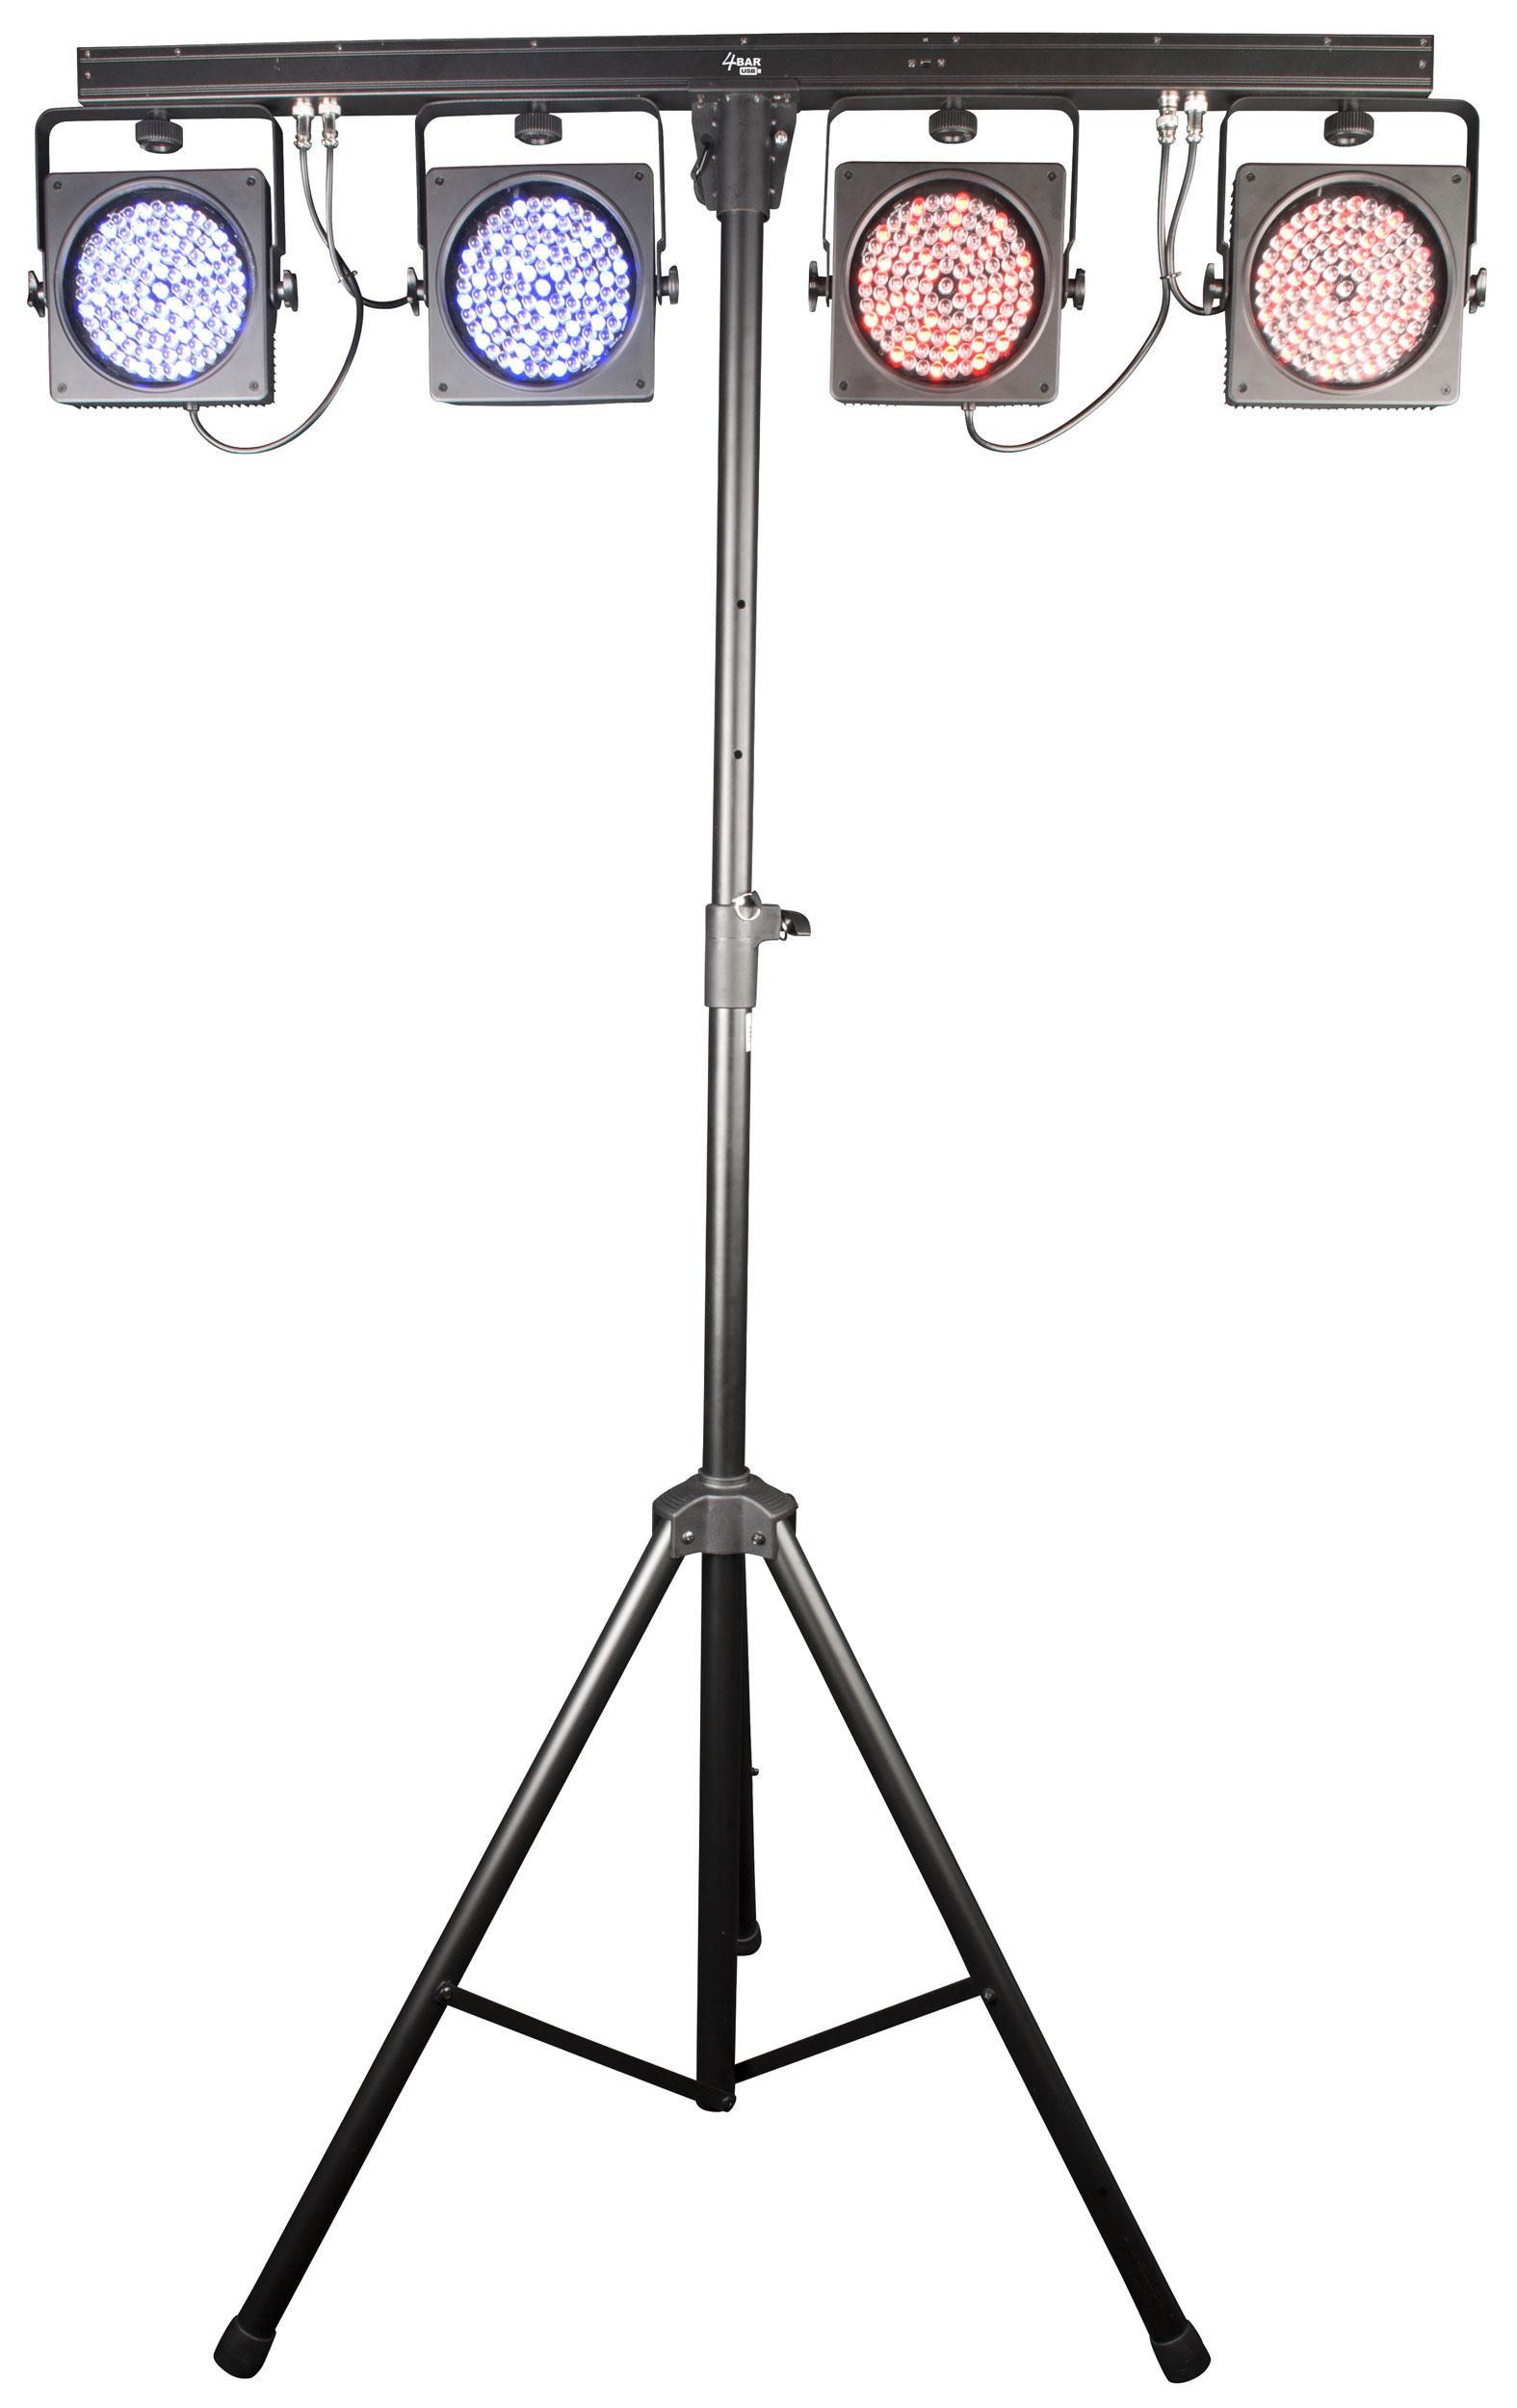 Chauvet Dj 4bar Usb Complete Wash Light System